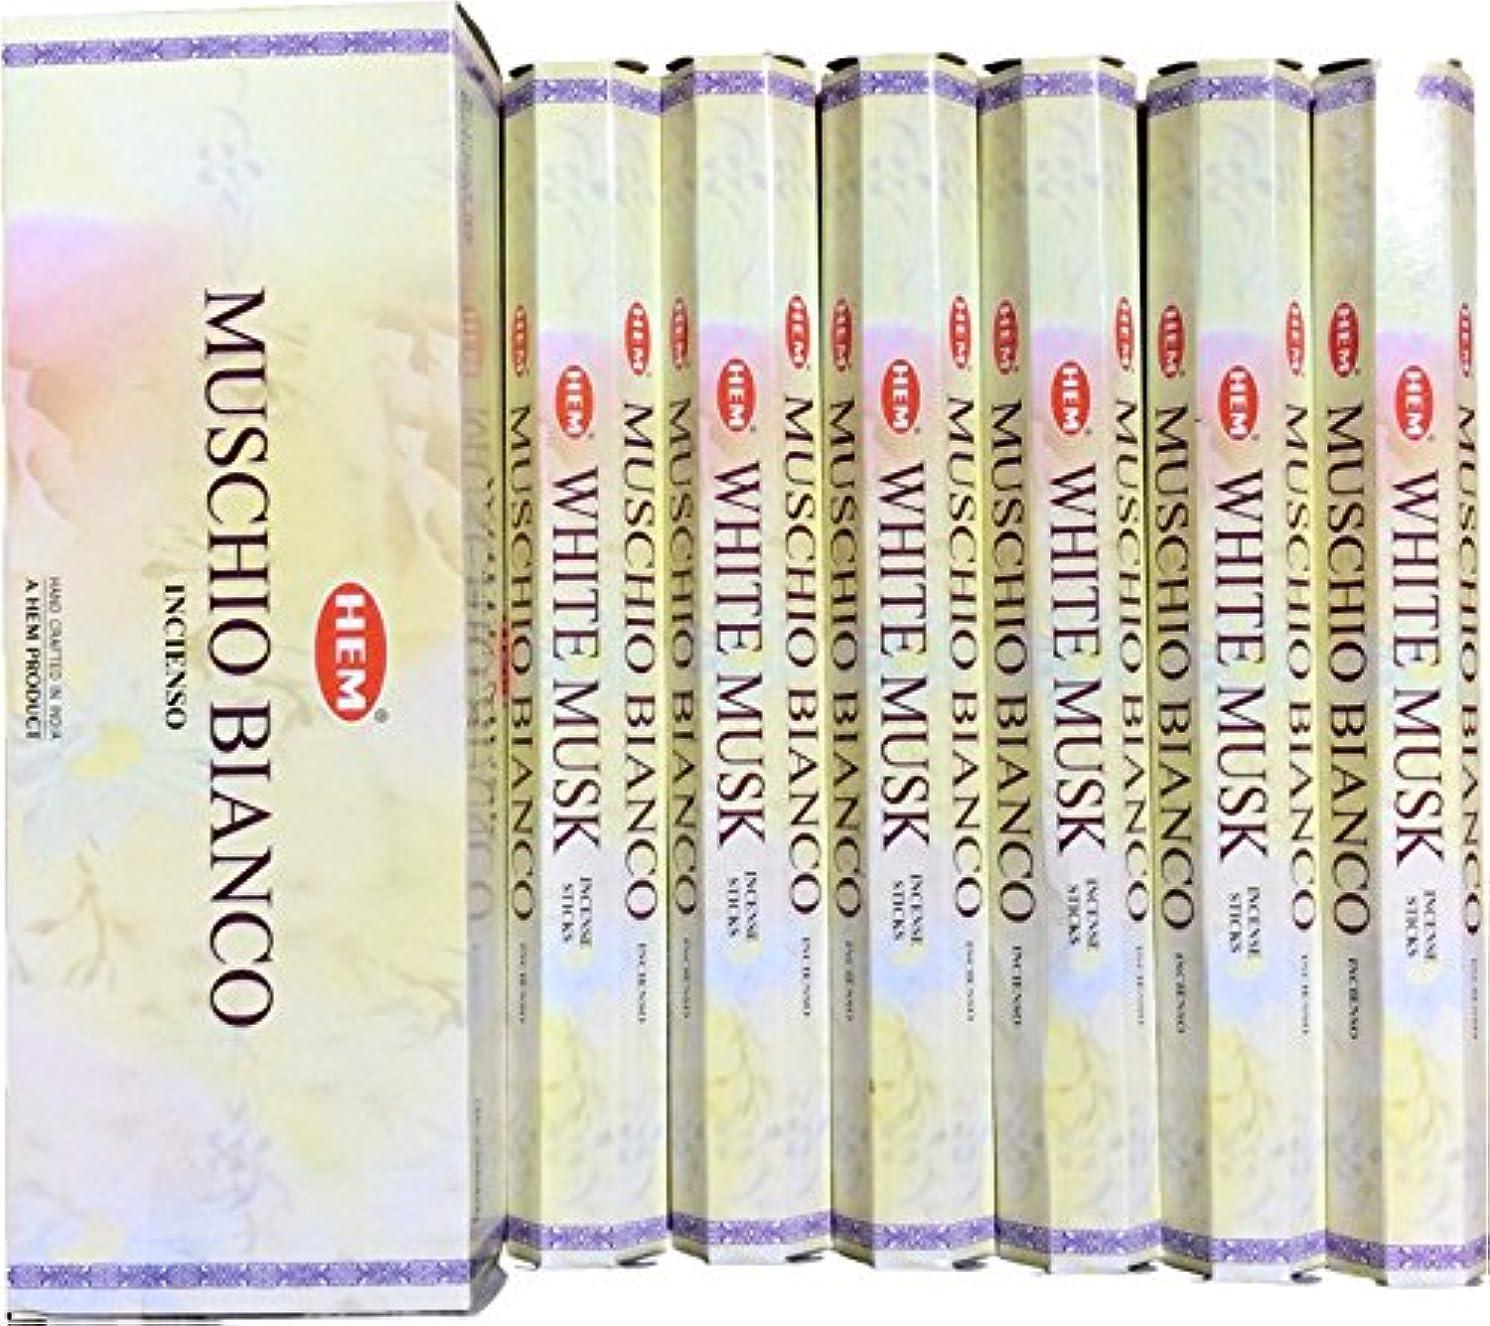 とまり木リズム国際HEM ヘム ホワイトムスク WHITEMUSK ステック お香 6本 セット